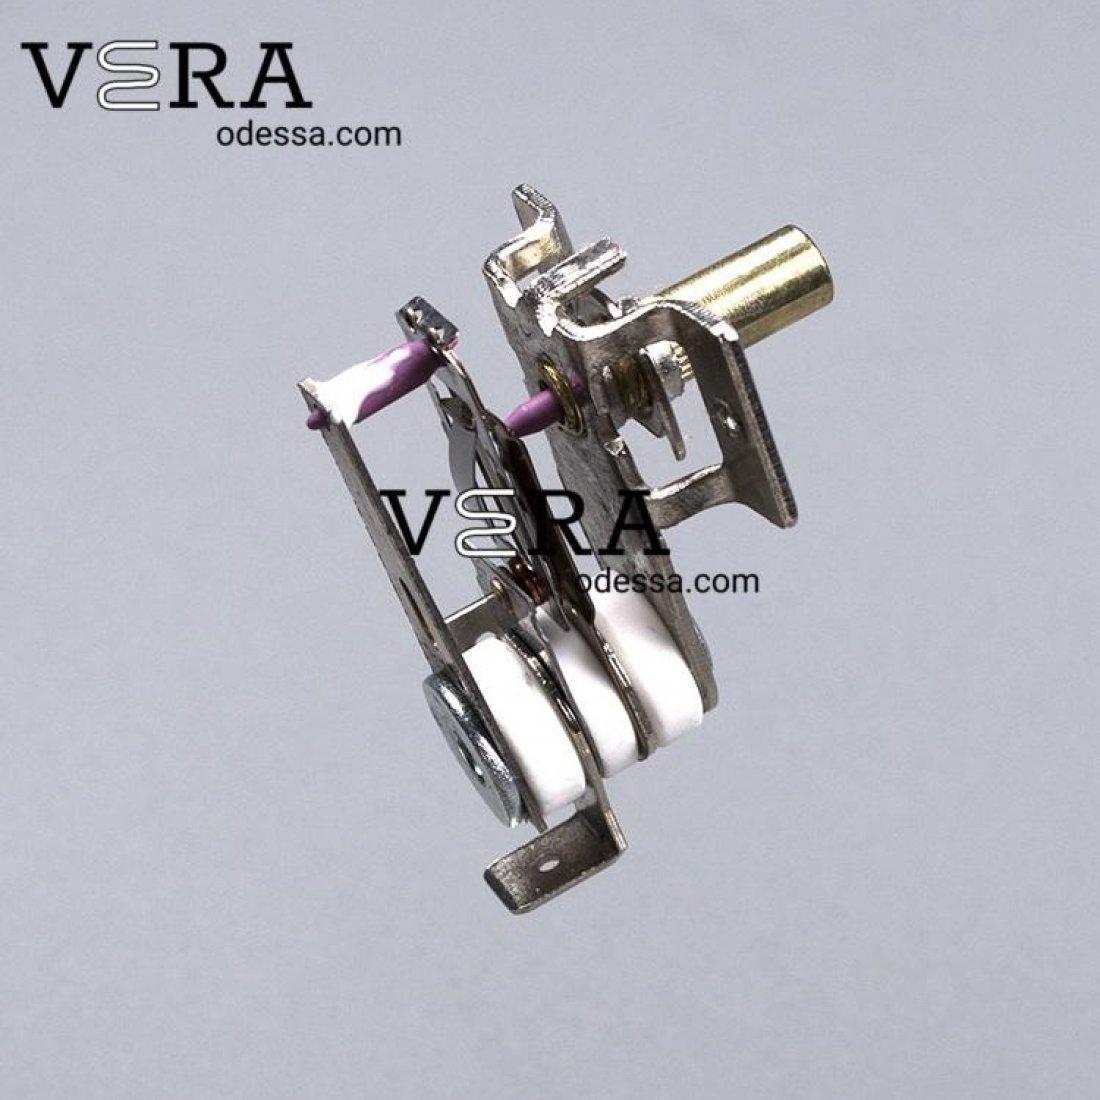 Купить терморегулятор биметаллический KST 168 духовки оптом, фотография 1